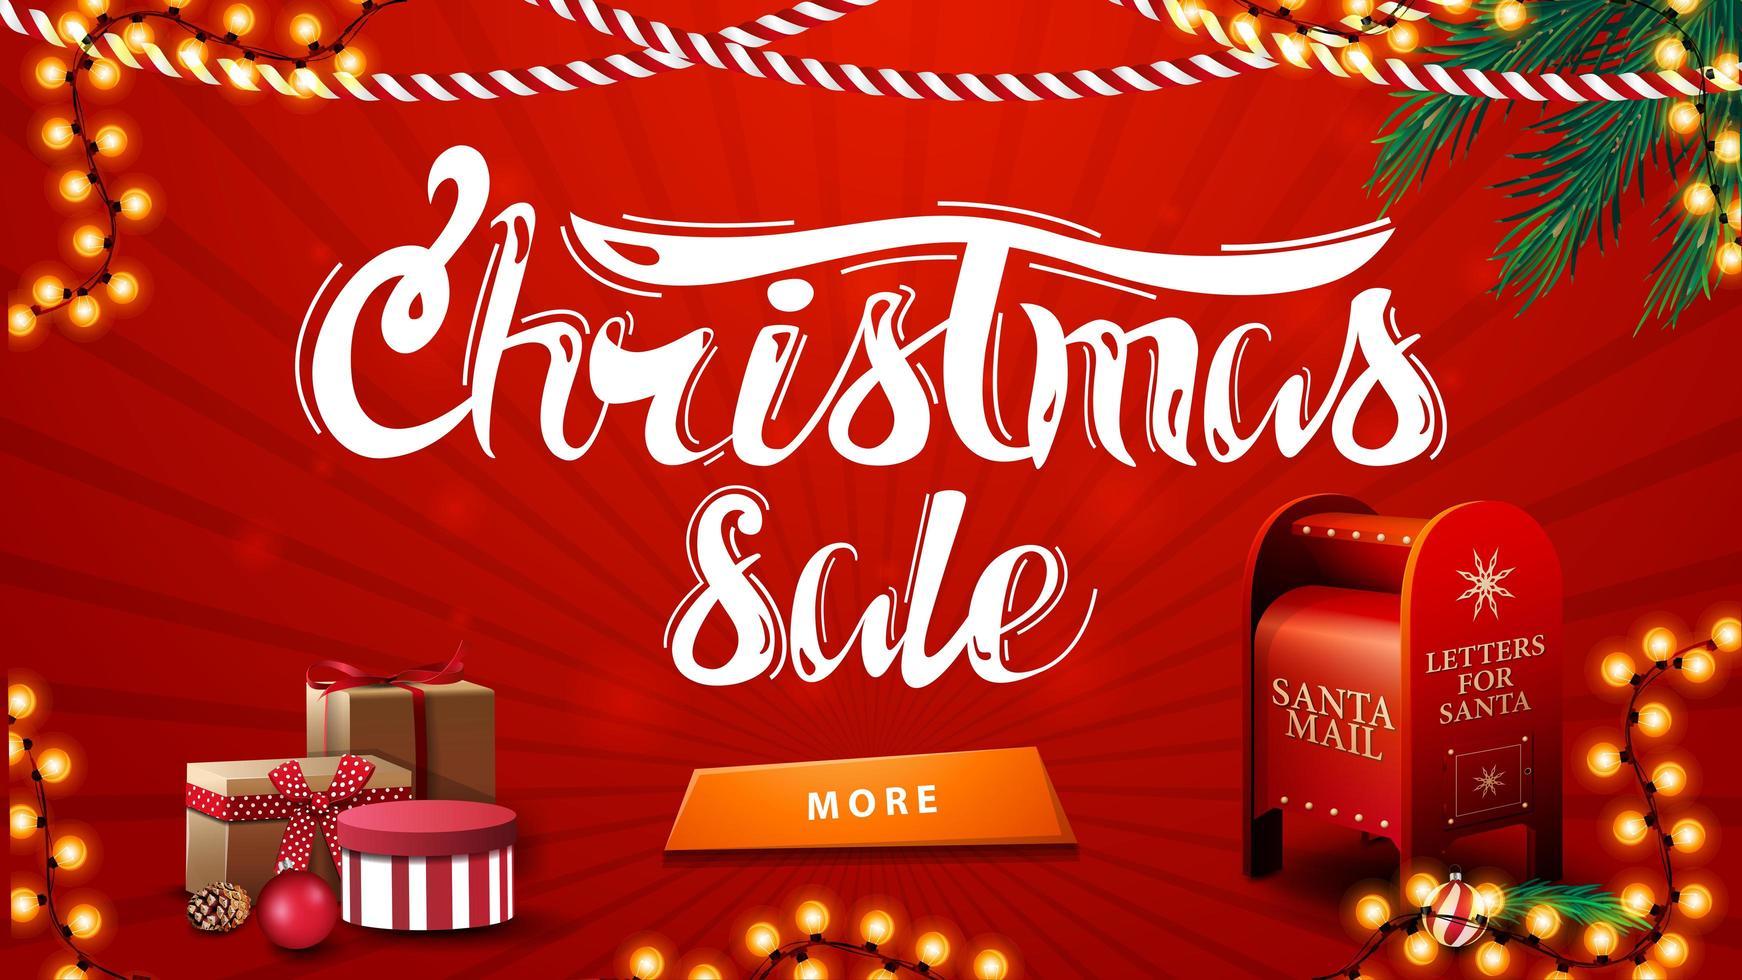 julförsäljning, röd rabatt banner med kransar, julgran grenar, knapp, presenter och santa brevlåda vektor